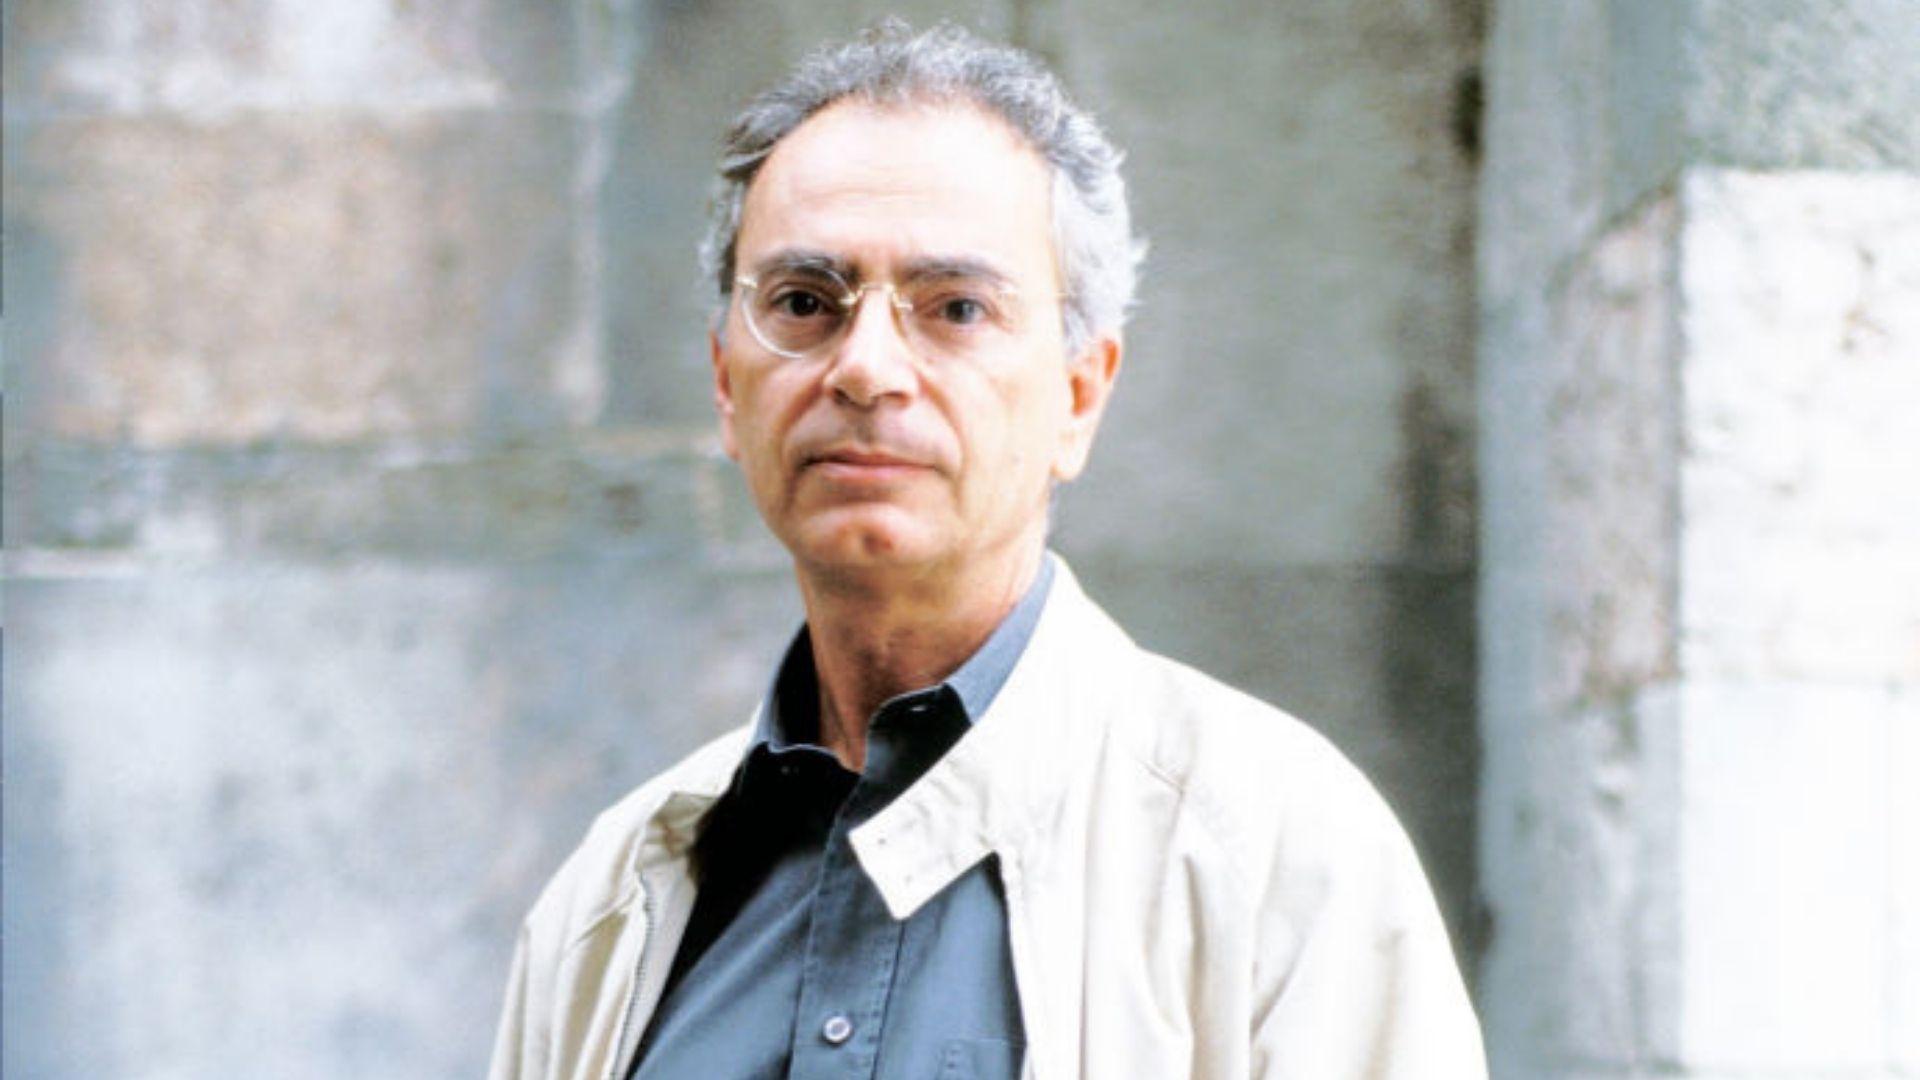 Addio allo scrittore Daniele Del Giudice